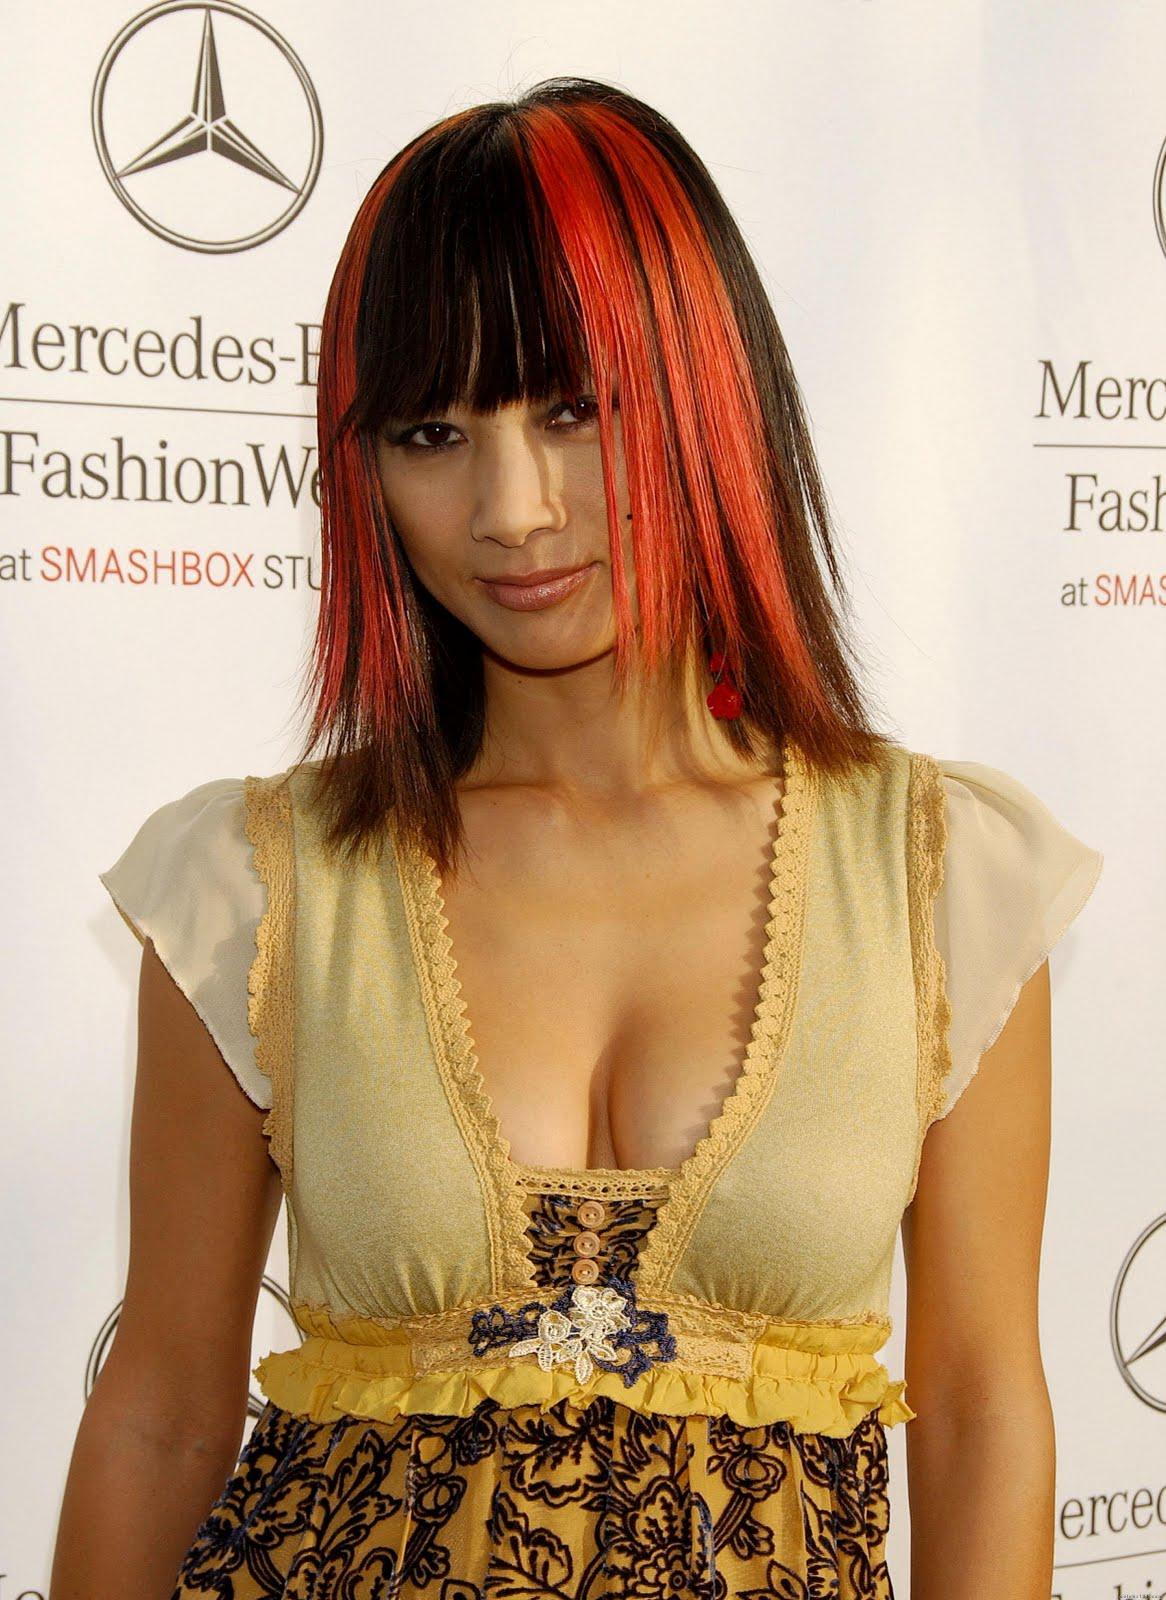 http://1.bp.blogspot.com/-jGtYRjzhcXg/Tiu7zUVlt-I/AAAAAAAACH4/SPuxfBgORH8/s1600/Bai+Ling+Hairstyle+%252823%2529.jpg